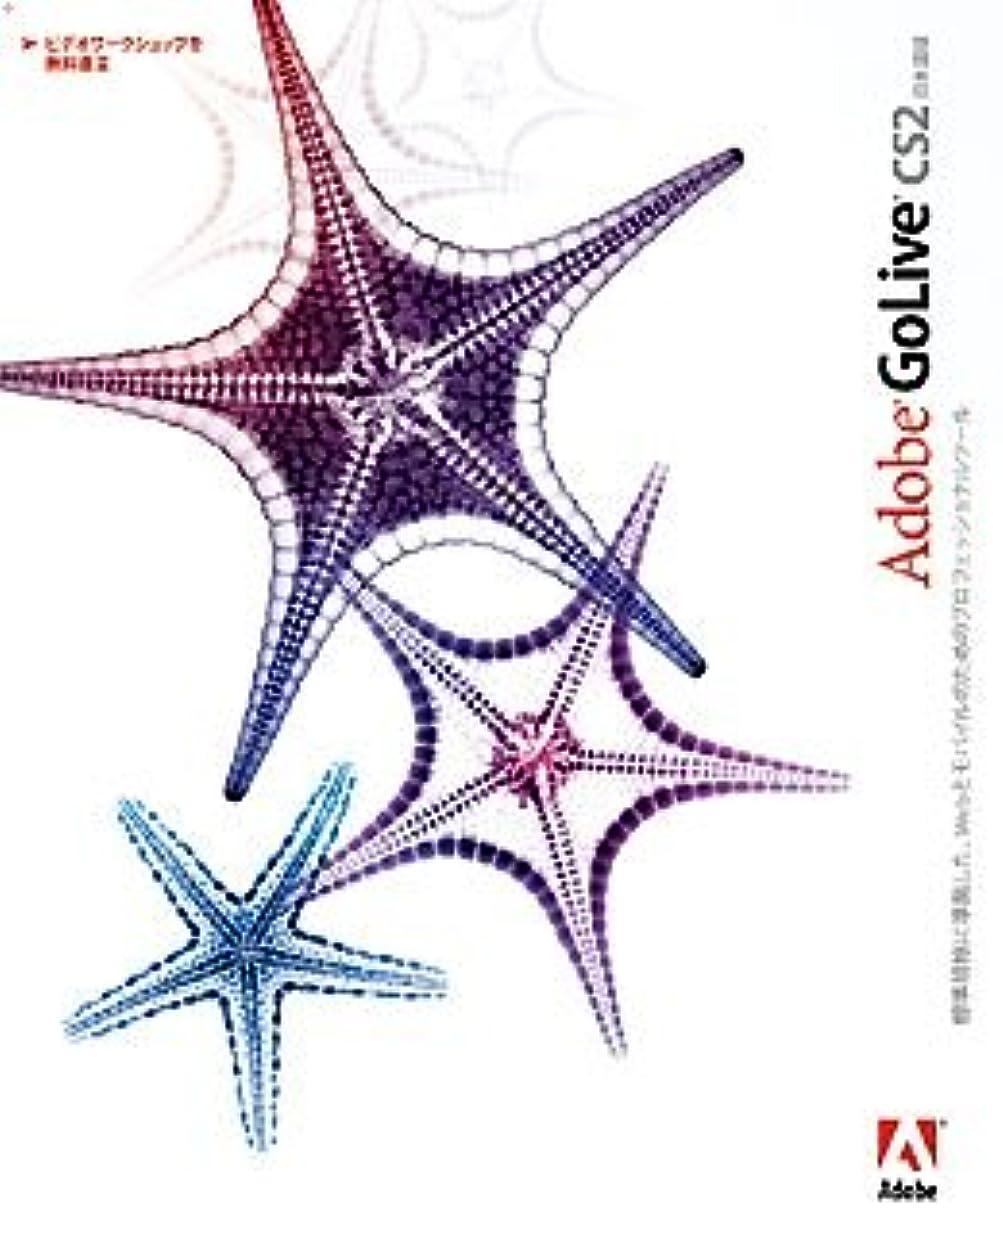 通り弱点混合Adobe GoLive CS2.0 日本語版 Windows版 (旧製品)